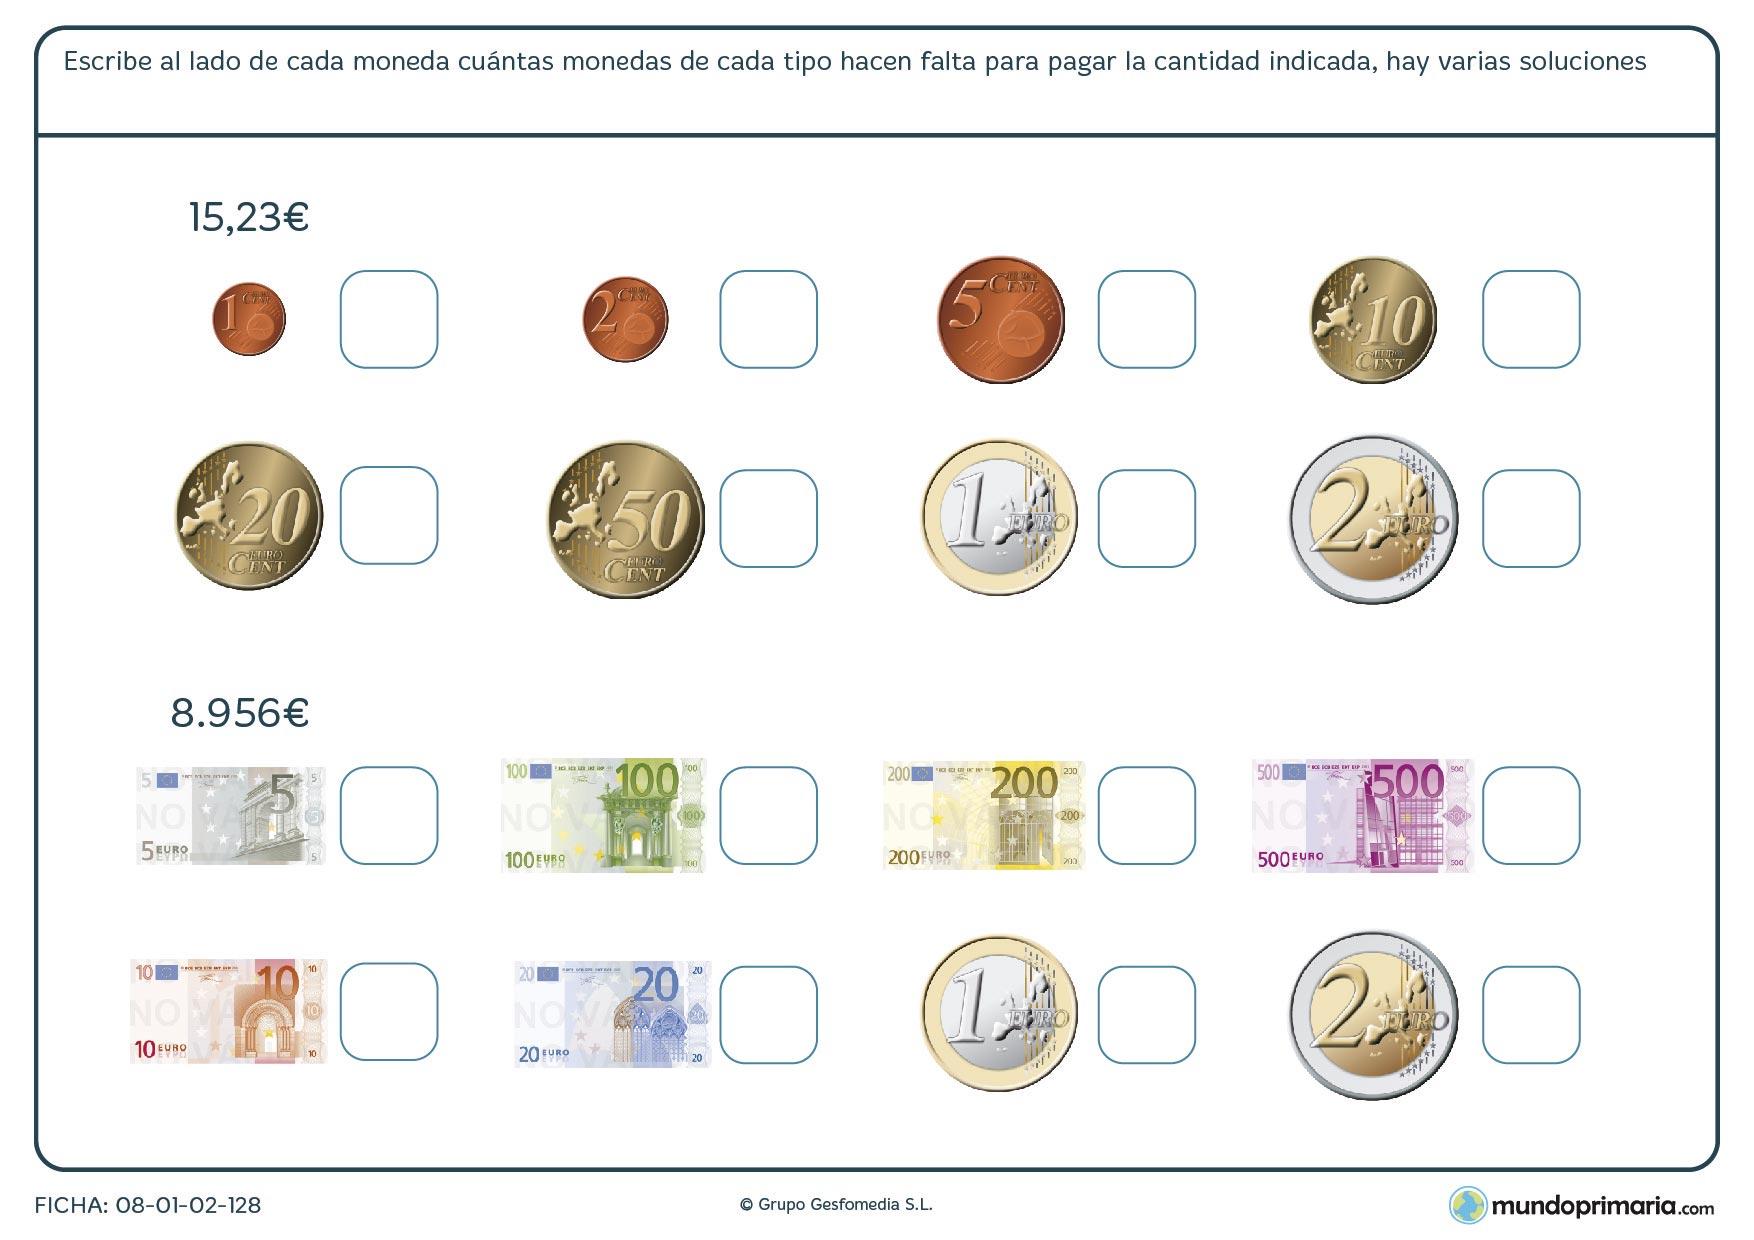 Ficha de utilizar monedas y billetes para obtener una cifra dada.